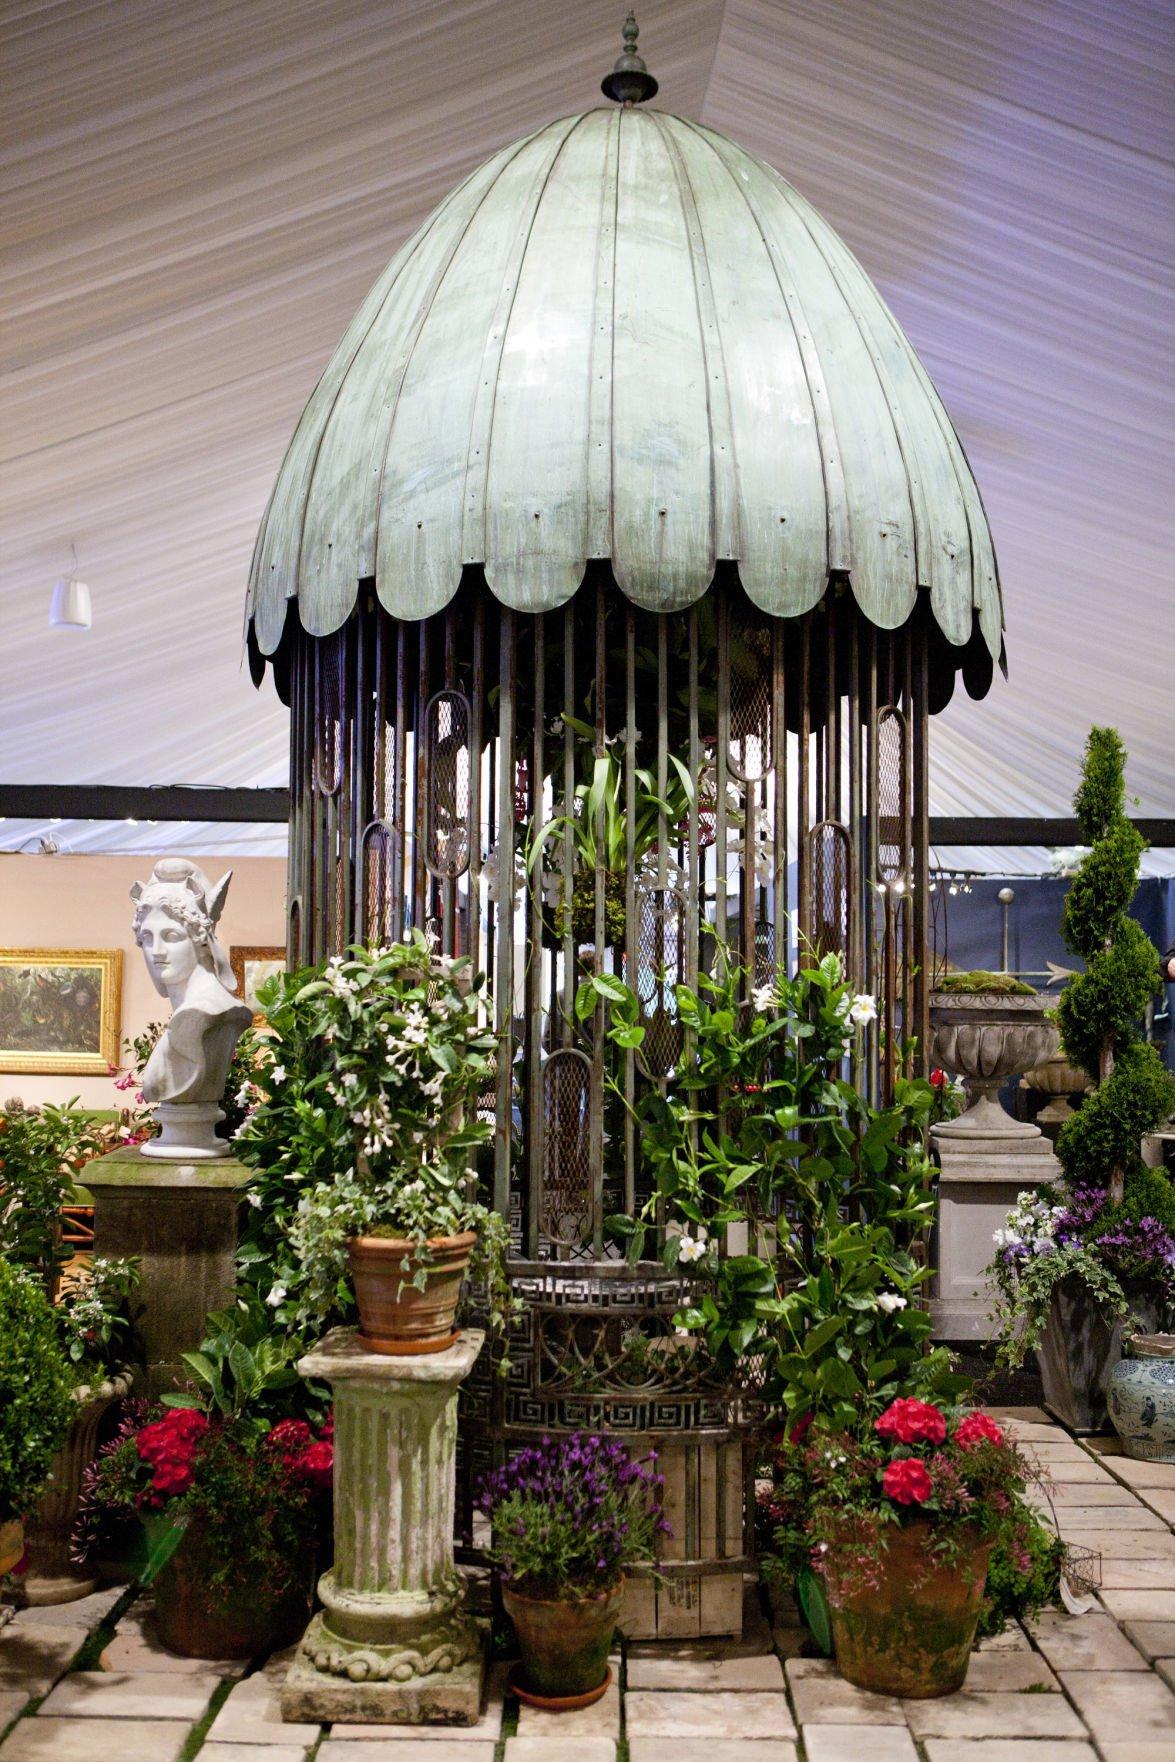 Garden antiques can add depth flair to any garden Home and Garden